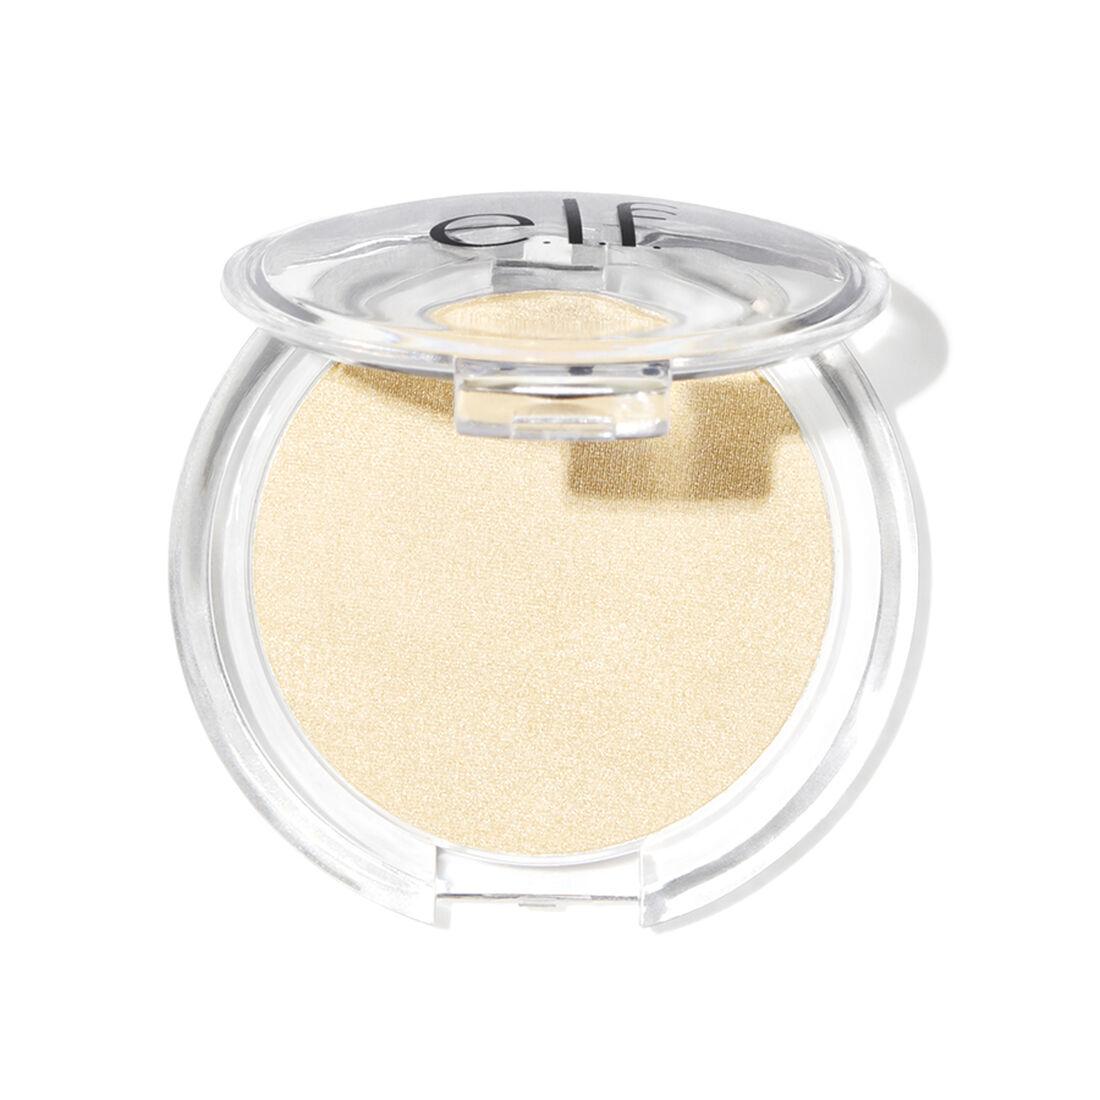 ELF Cosmetics - Highlighter